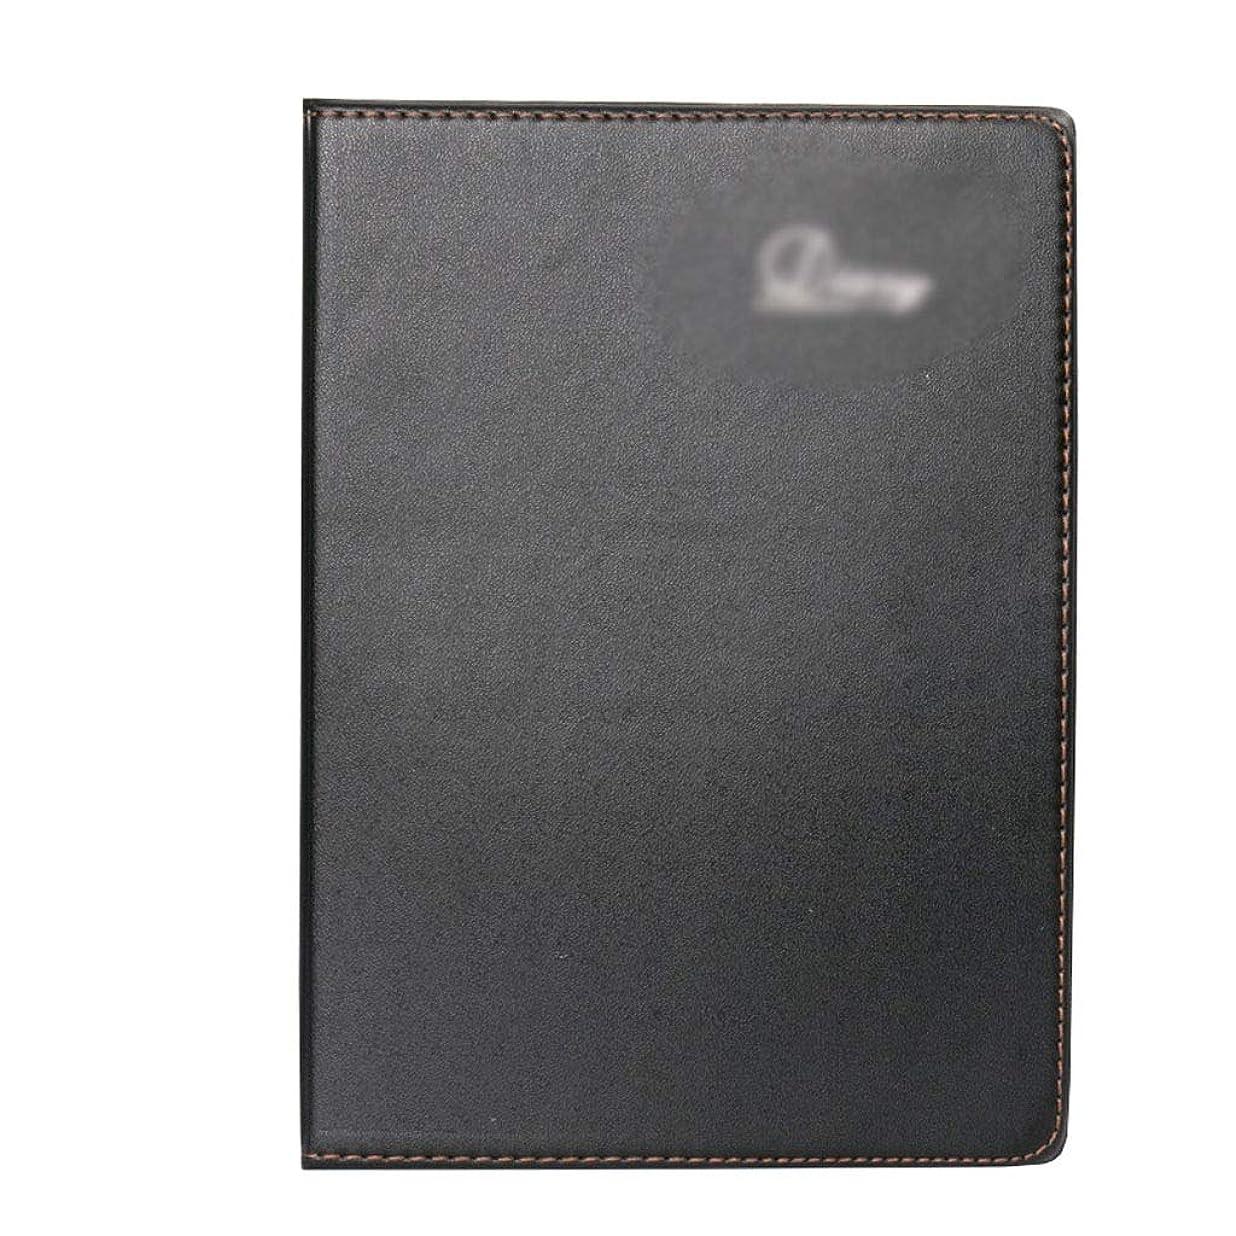 ノートを厚くする ノートブックブラックメモ帳ポータブルポータブル作業会議記録帳肥厚日記A4シンプルビジネス (Color : Black, サイズ : 29*21.5cm)